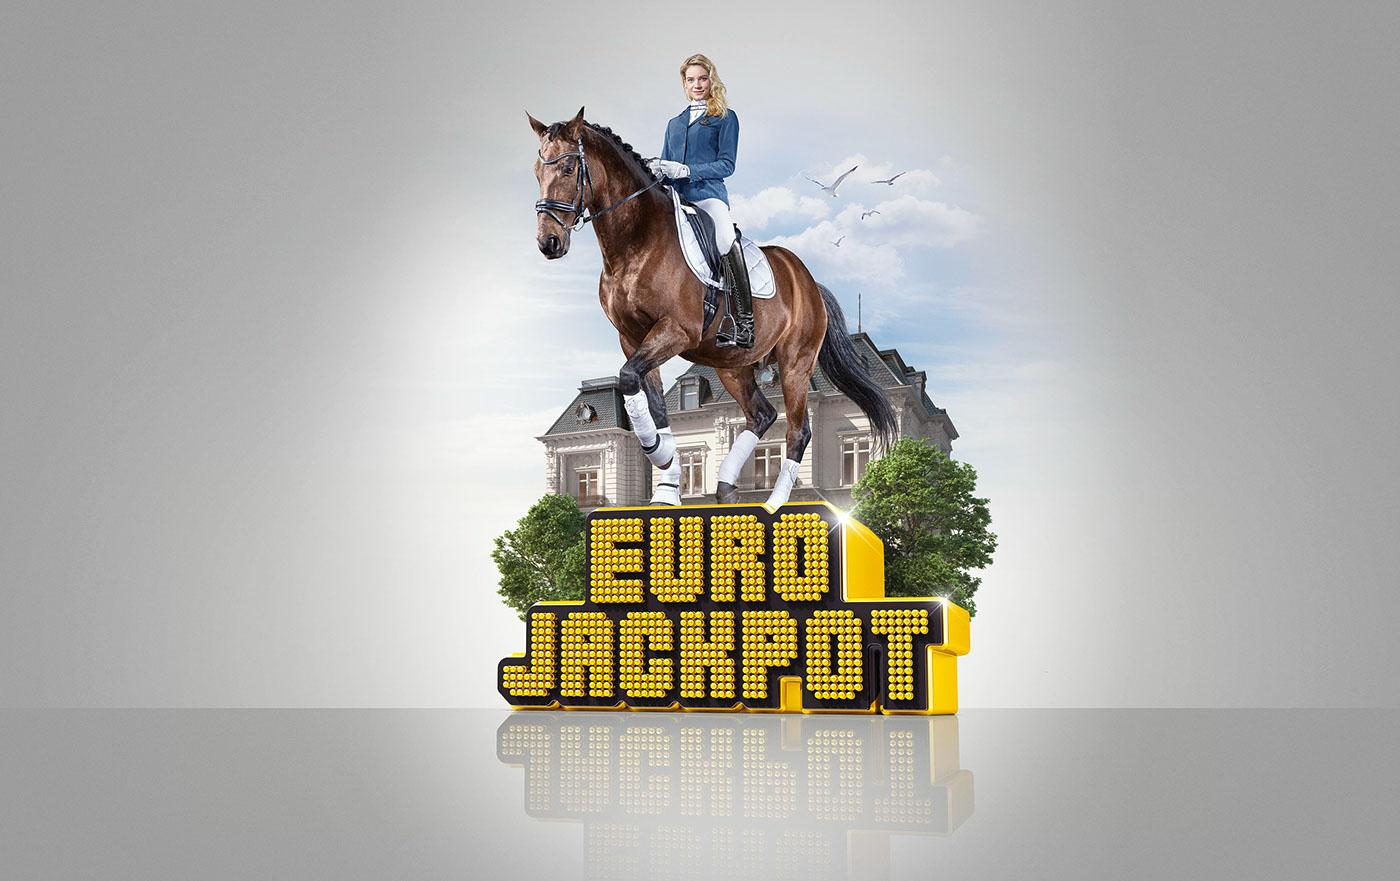 photo manipulation euro jackpot